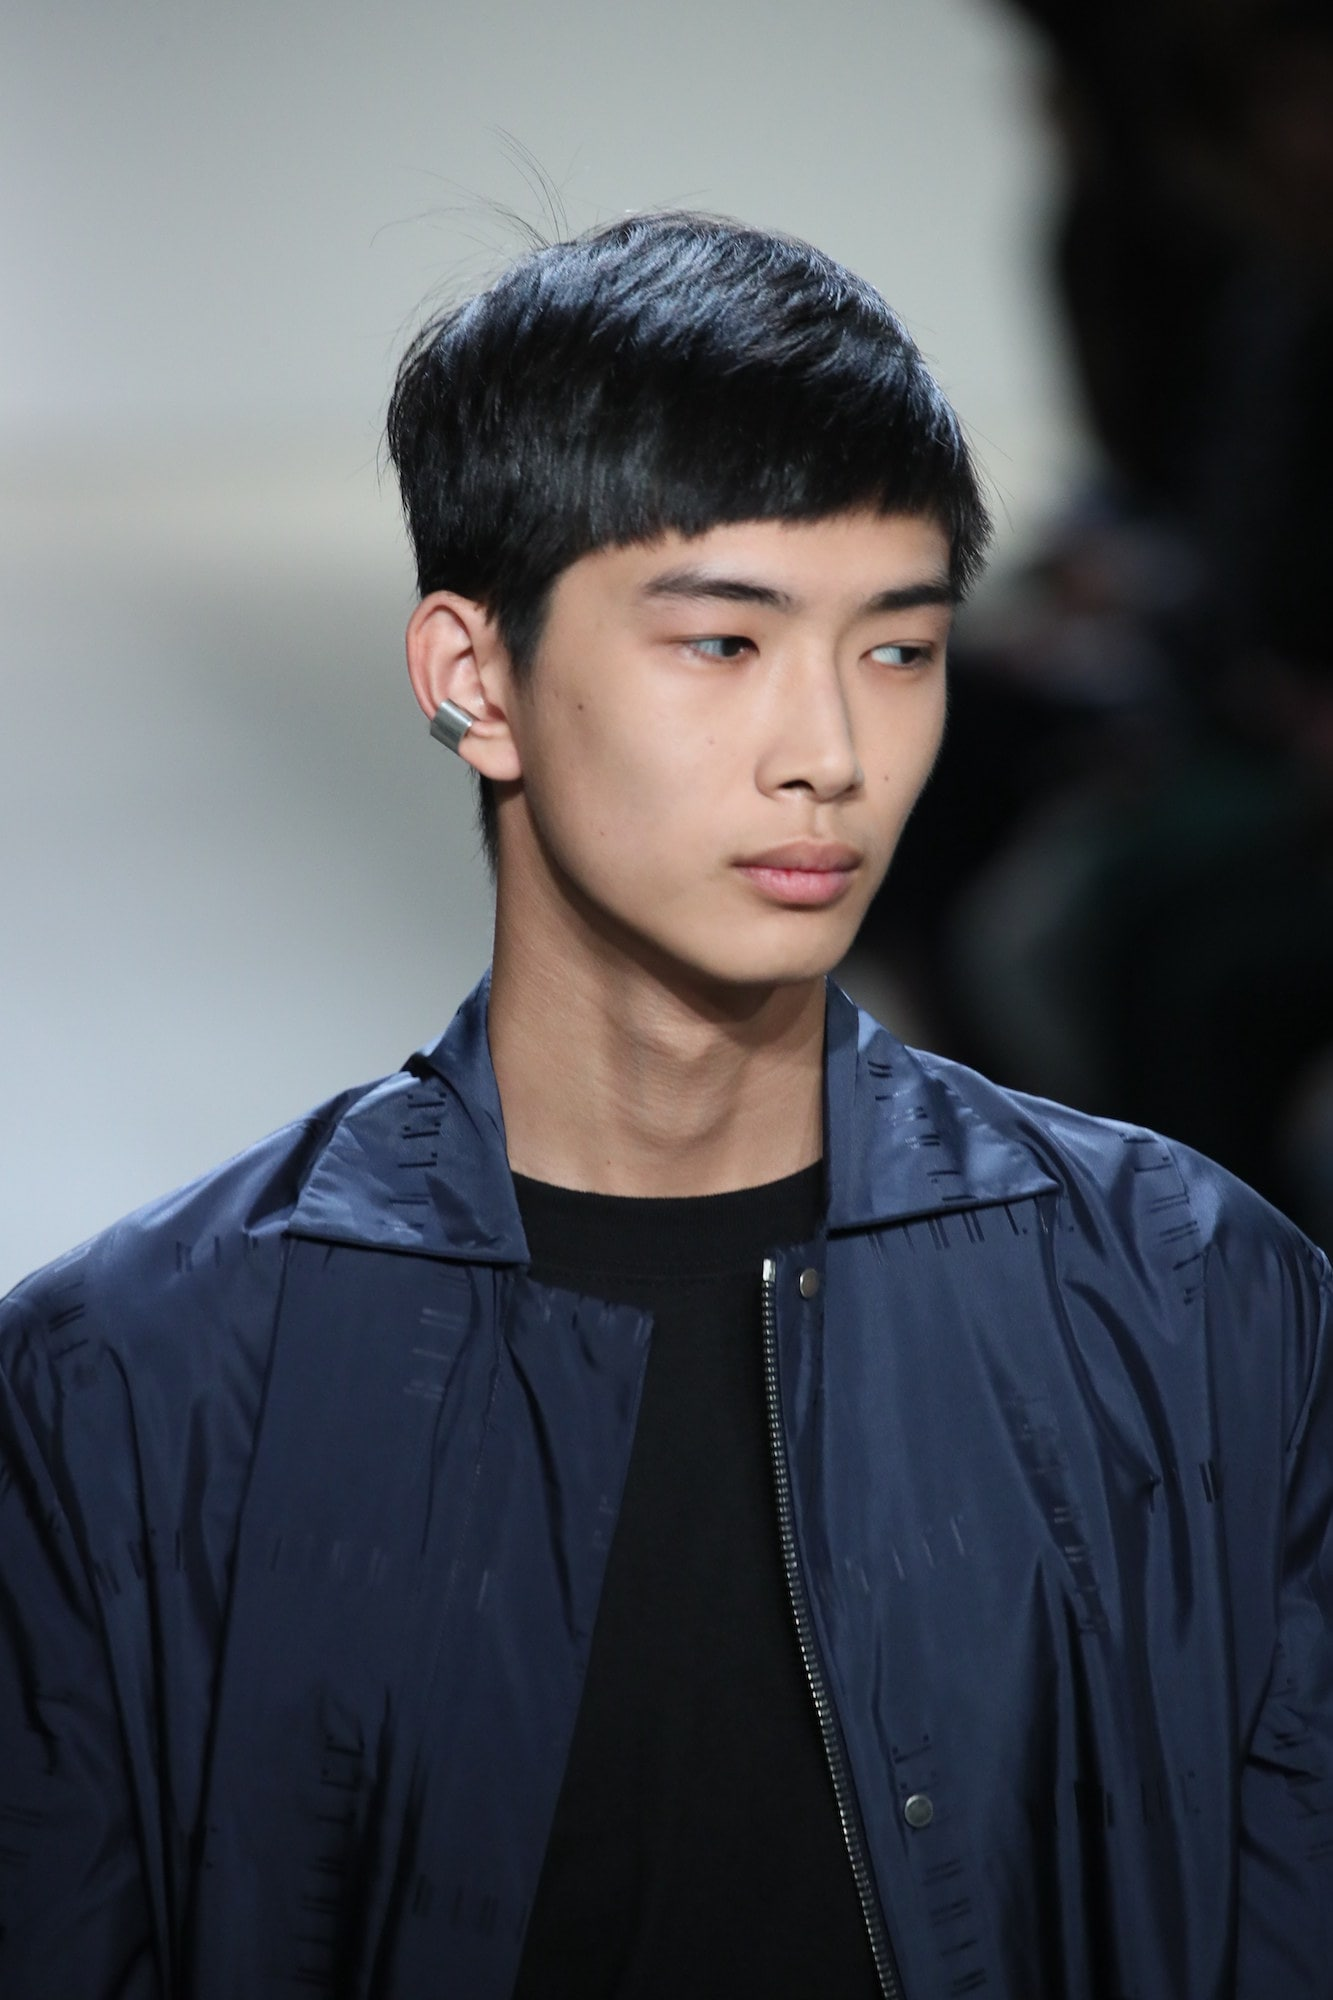 Gaya rambut tipis pria model modern French crop